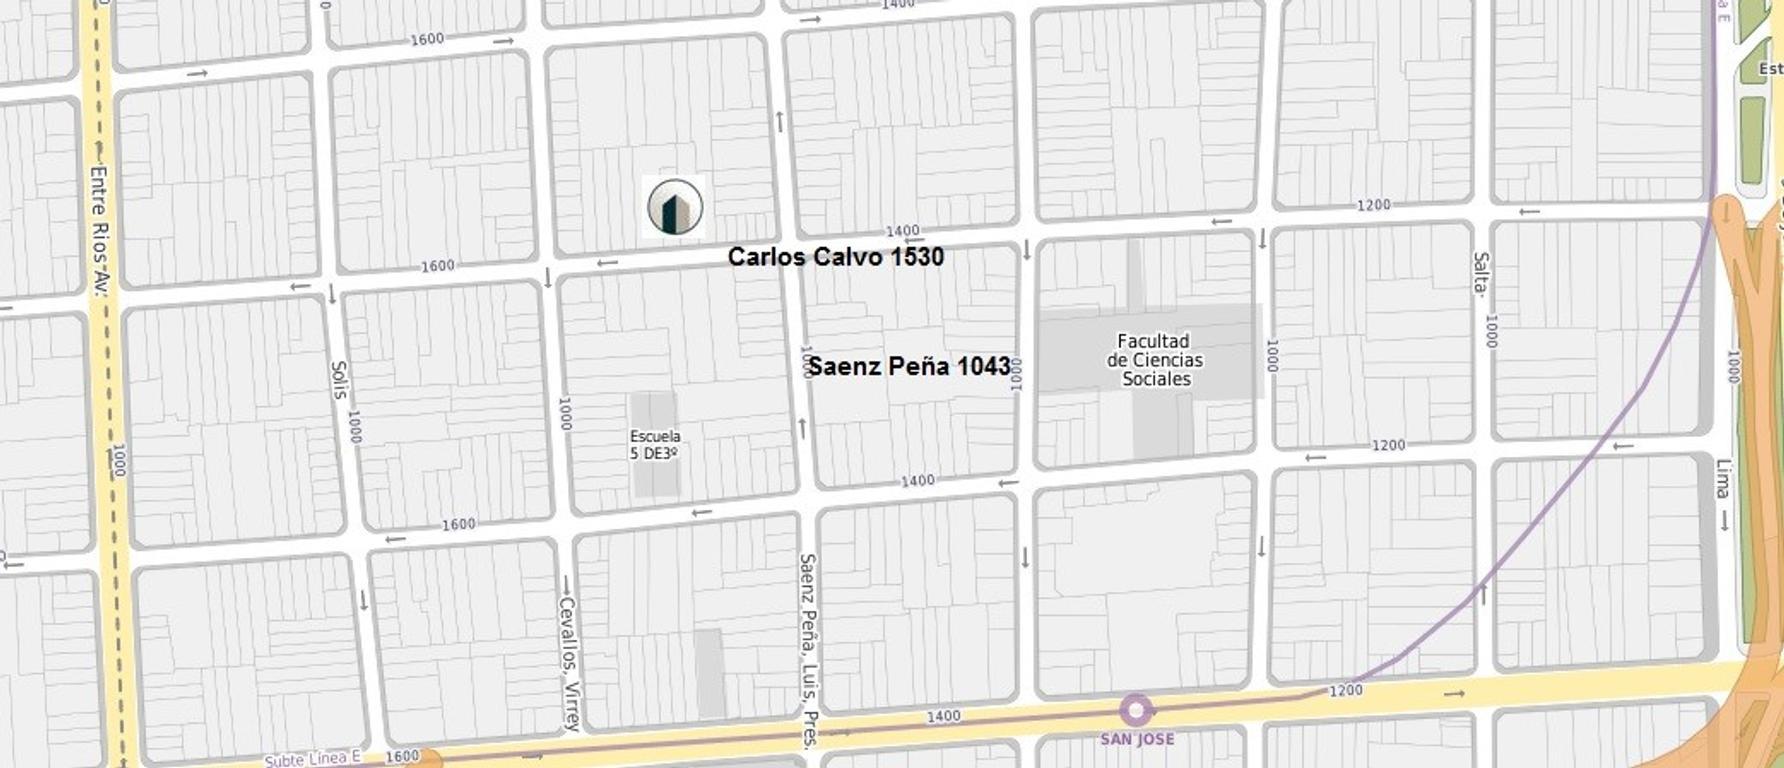 XINTEL(COI-COI-737) Departamento - Venta - Argentina, Capital Federal - Presidente Luis Sáenz Peñ...